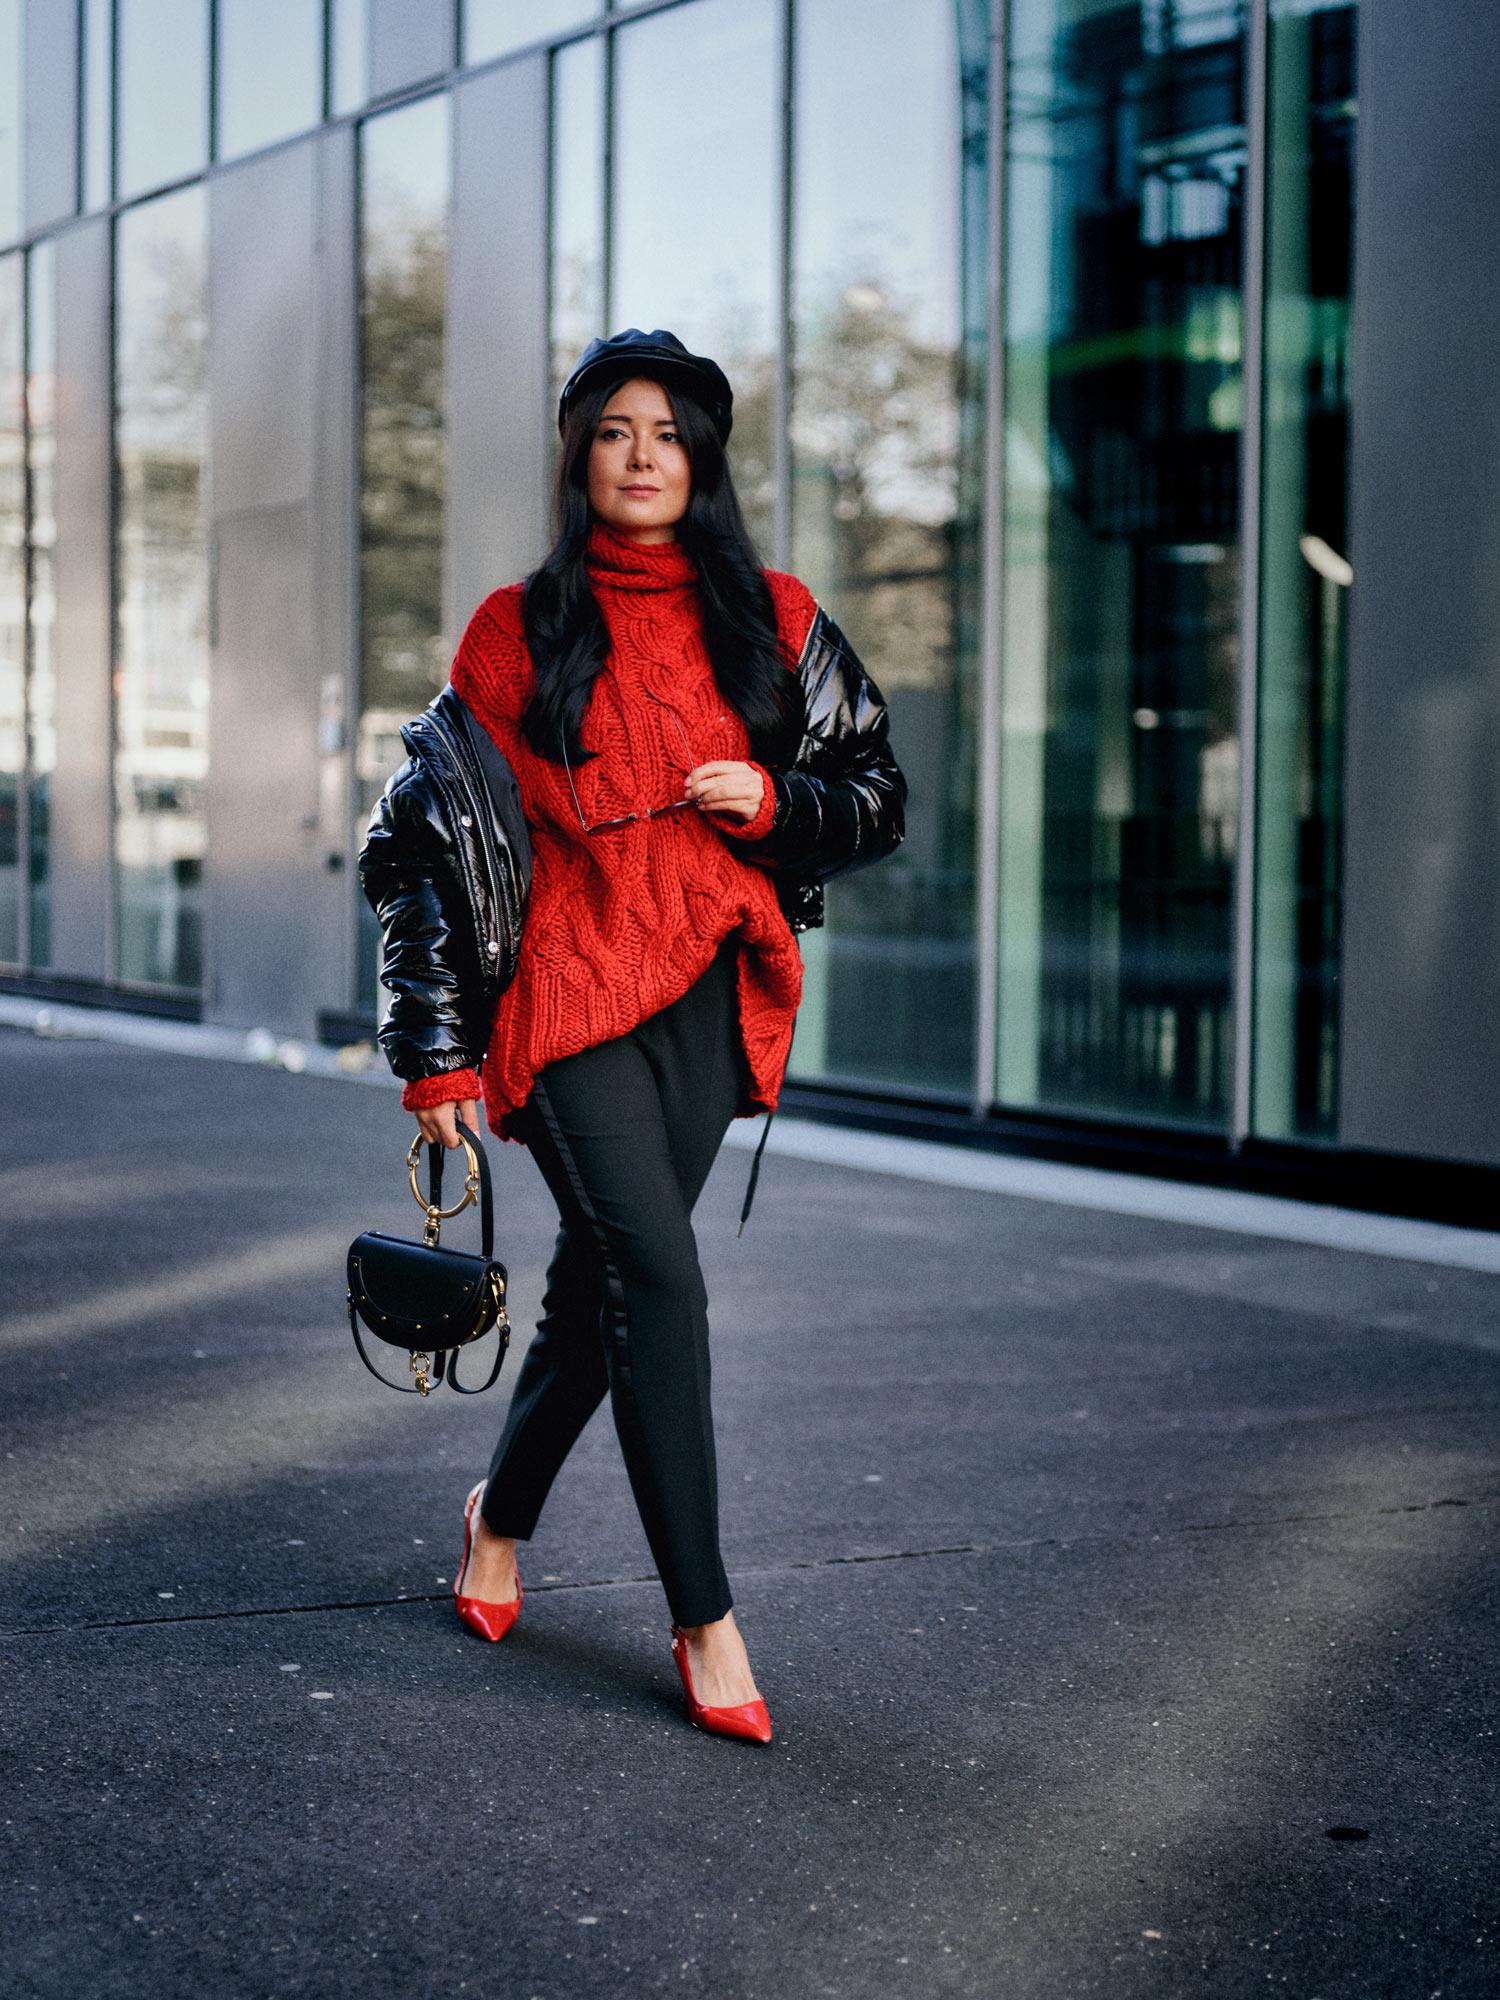 bloggerdeutschland-fashionblogger-lifestyleblogger-beautyblogger-fashion-blogger-modeblogger-modeblog-munich-blog-muenchen-die-aktuellen-daunenjacken